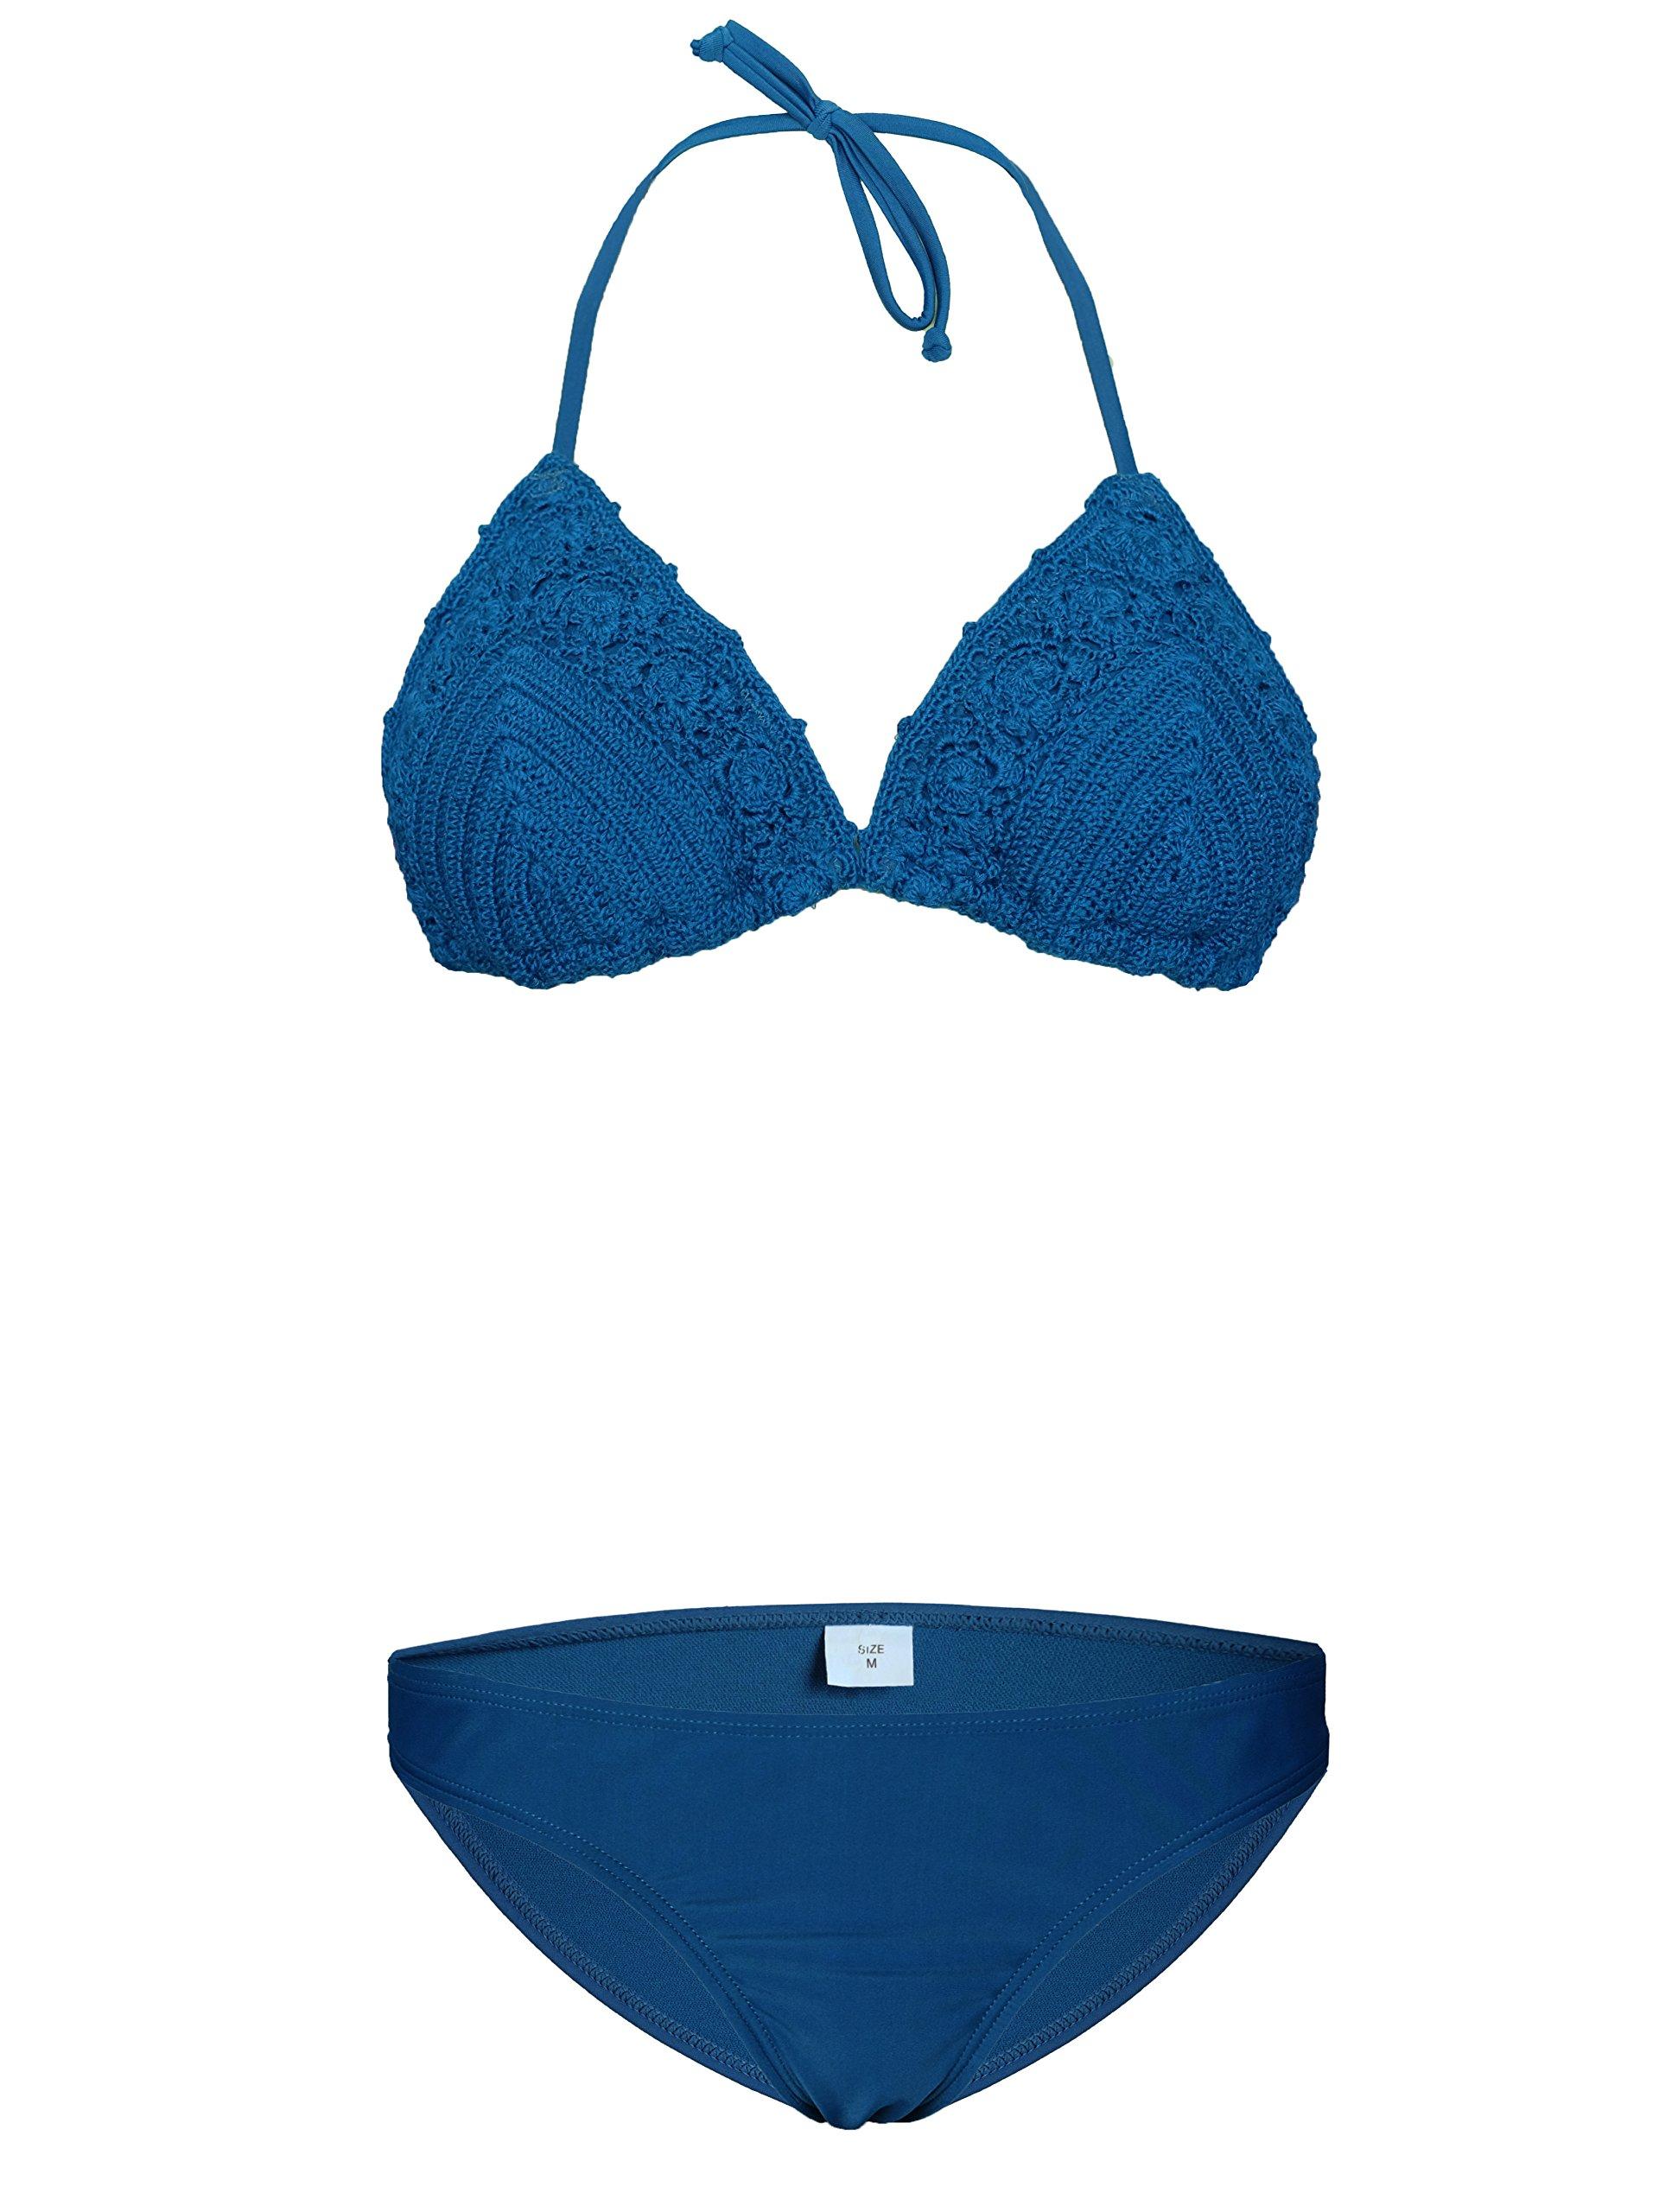 ROSIELARS Women Swimsuit Sexy Fashion Women Bikini Swimwear Two Piece Crochet Bottom Triangle Bathing Suit (M, Blue)